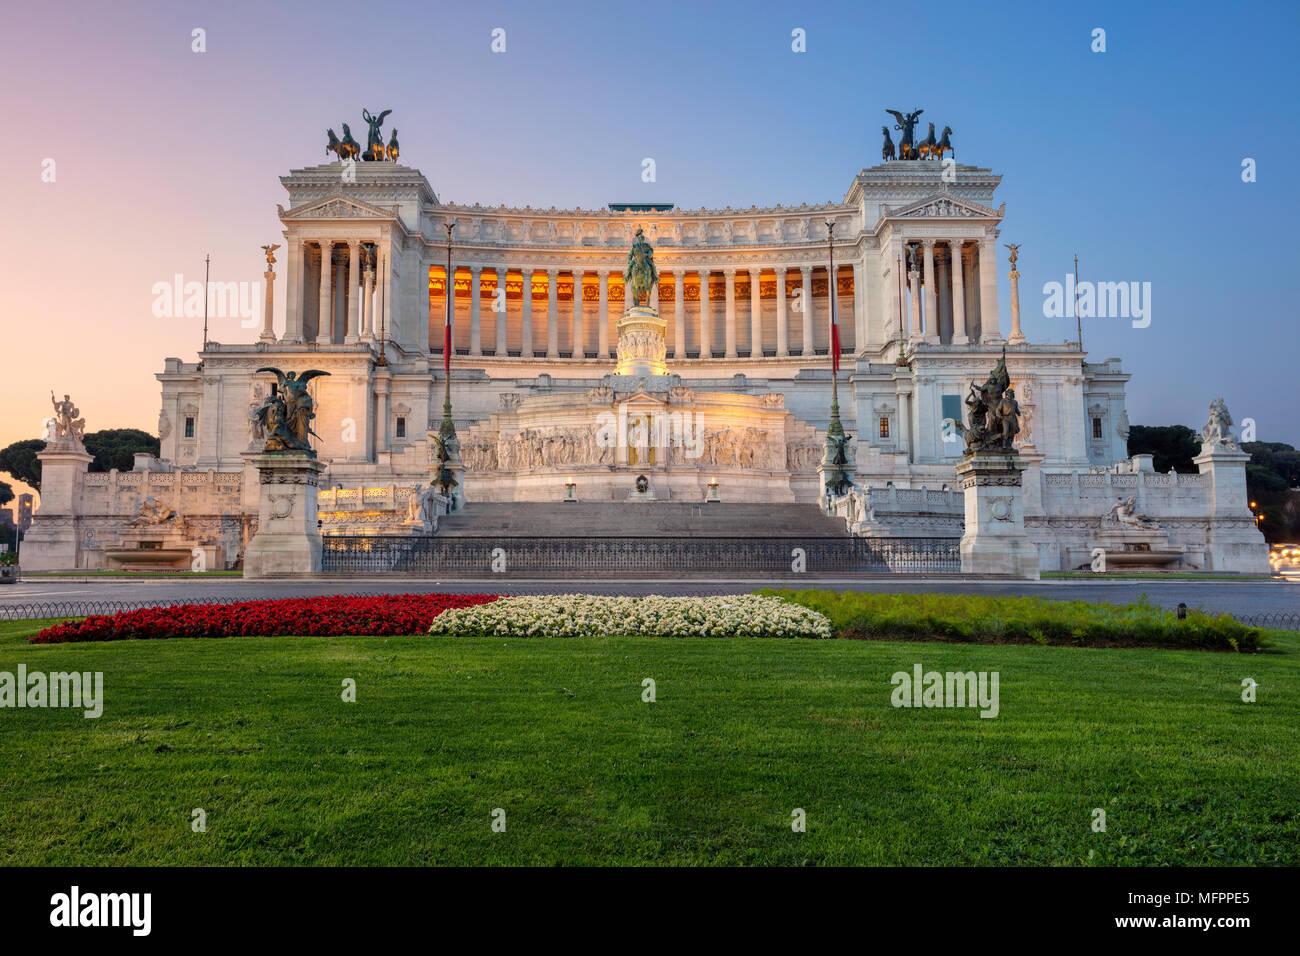 Roma. Cityscape immagine del monumento di Vittorio Emanuele II, Piazza Venezia a Roma, in Italia durante il sunrise. Immagini Stock